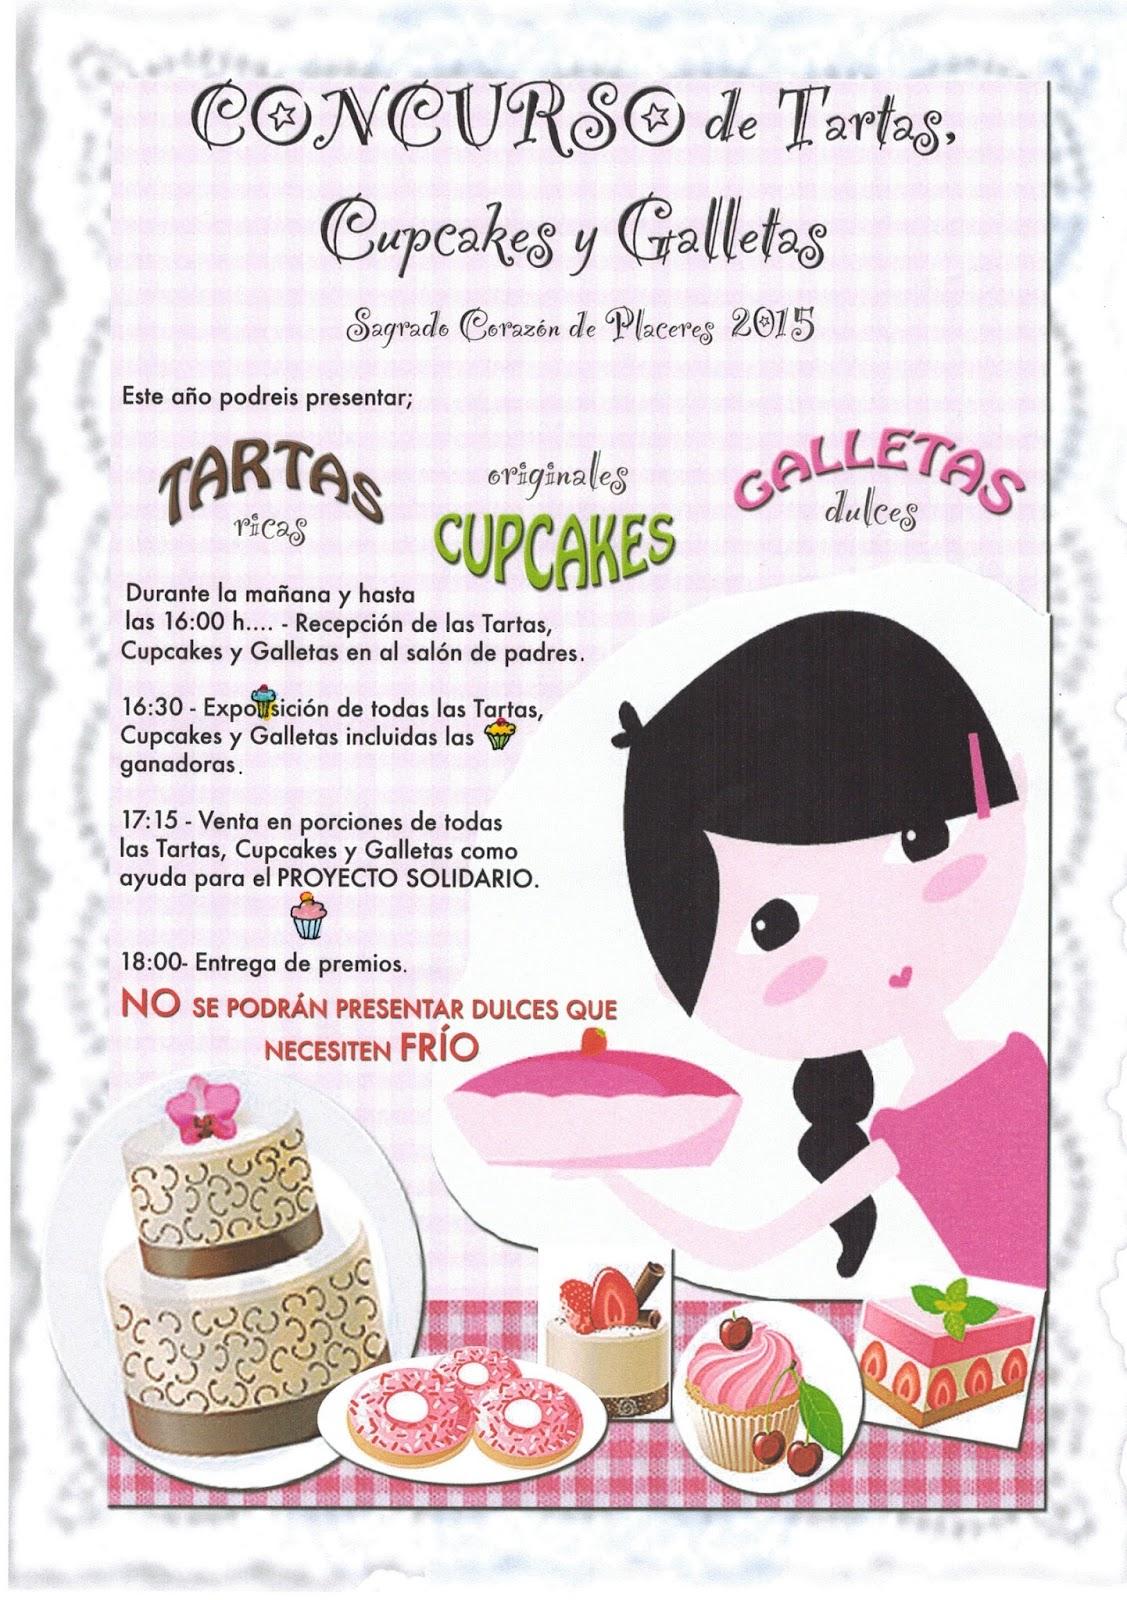 Concurso tartas, cupcakes y galletas